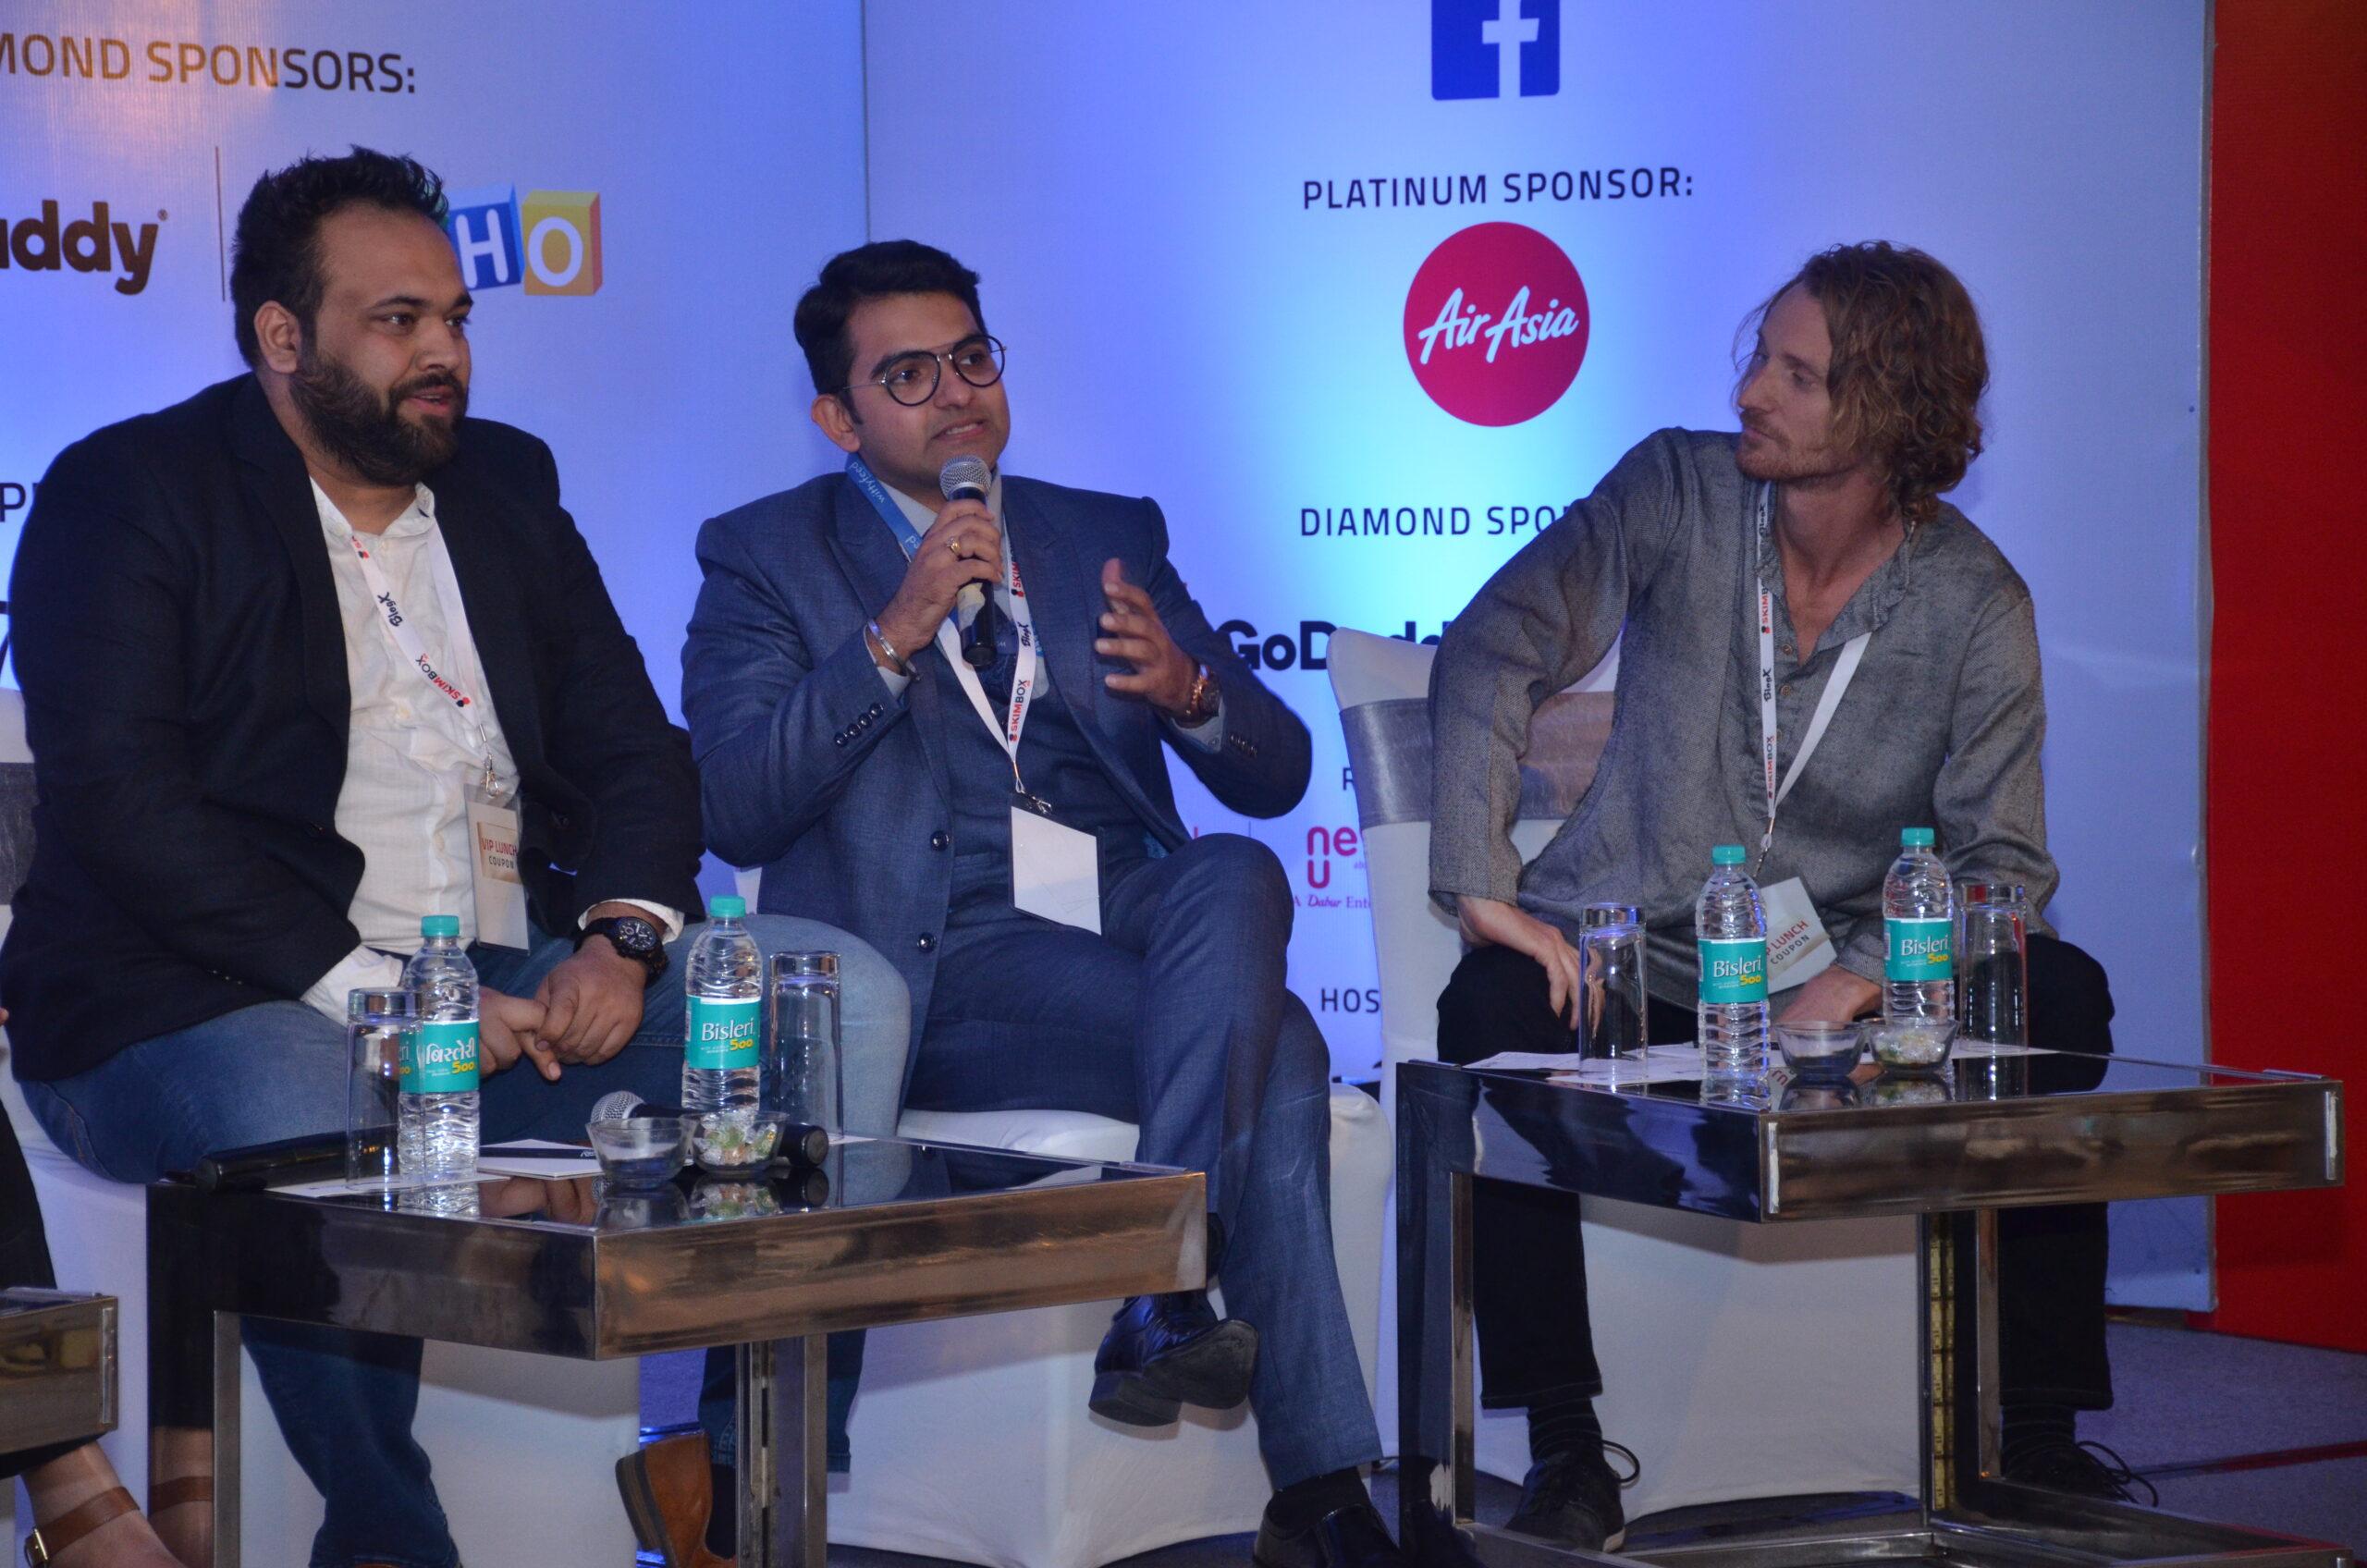 Mayank Batra - Get Digital With Mayank - Speaker at BlogX